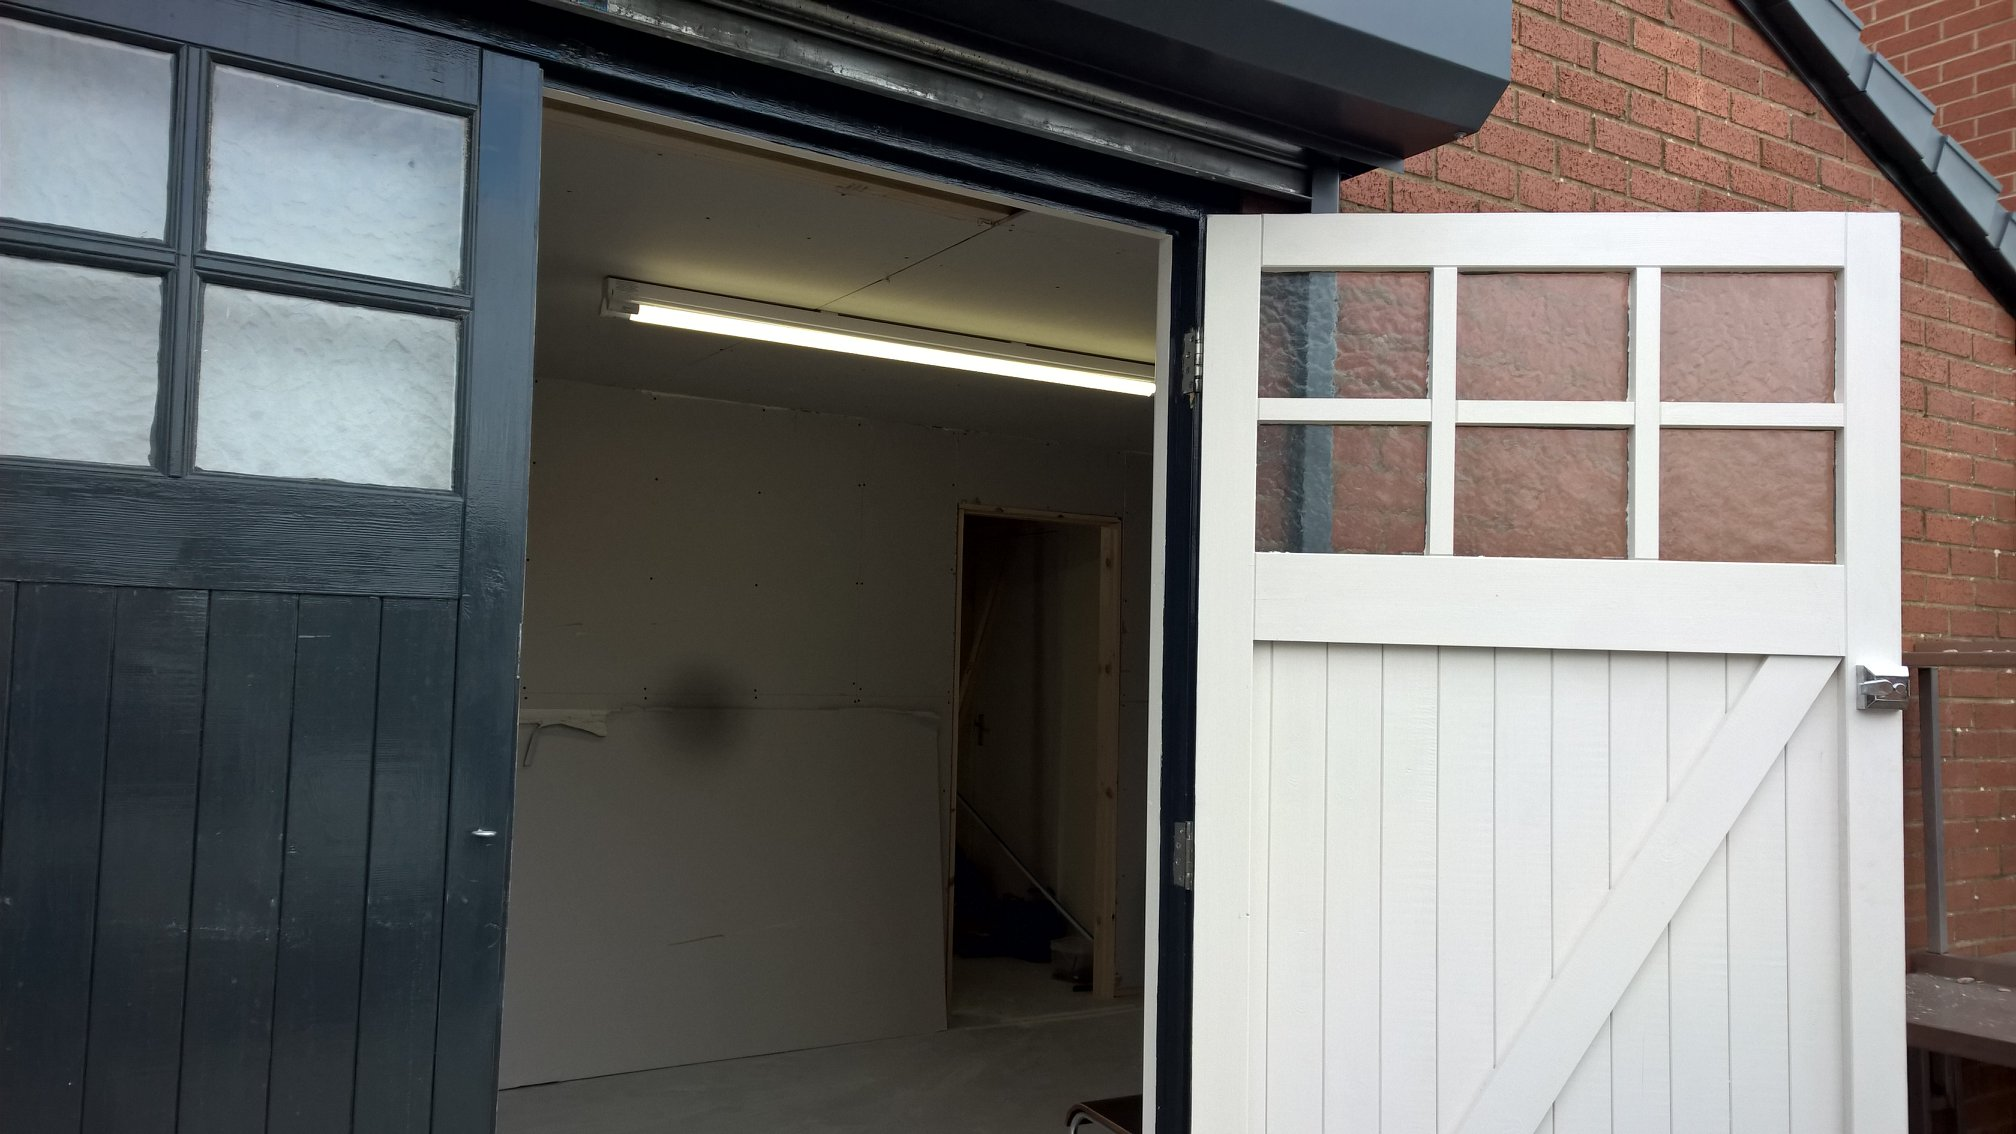 Unfinished main entrance